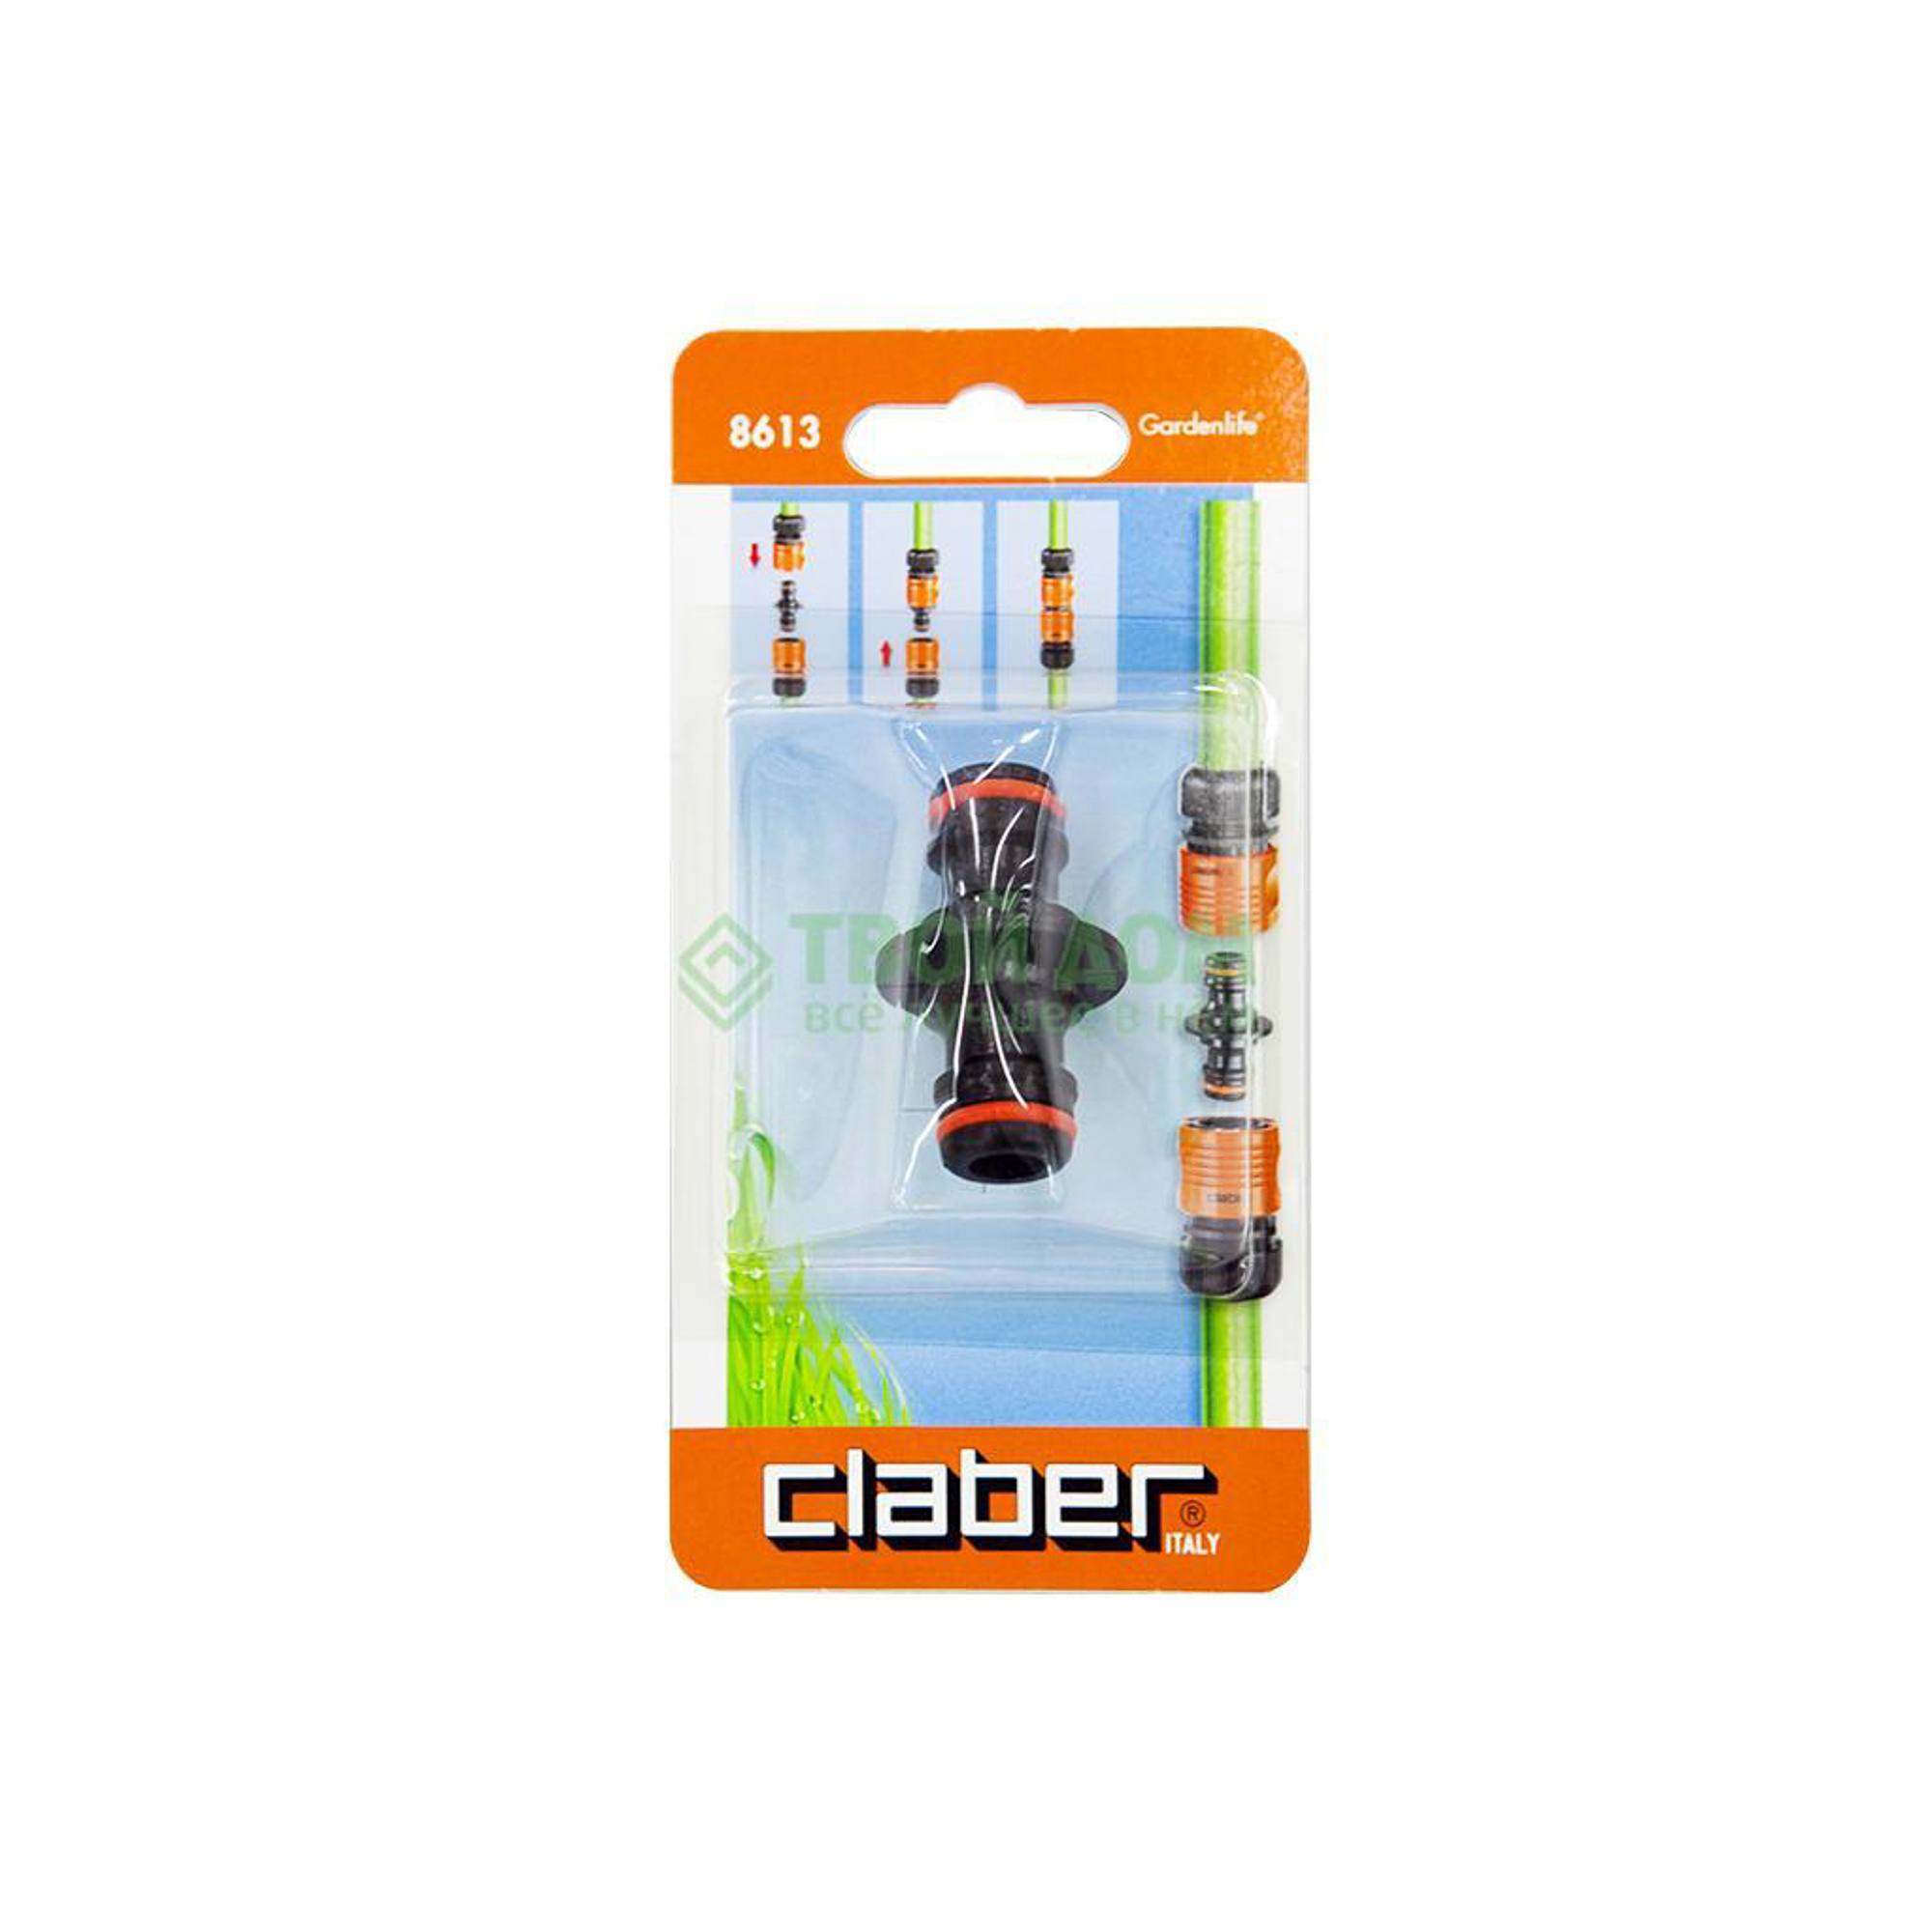 Купить Соединитель коннекторов Claber 8613, соединитель, Италия, черный, металл, пластик